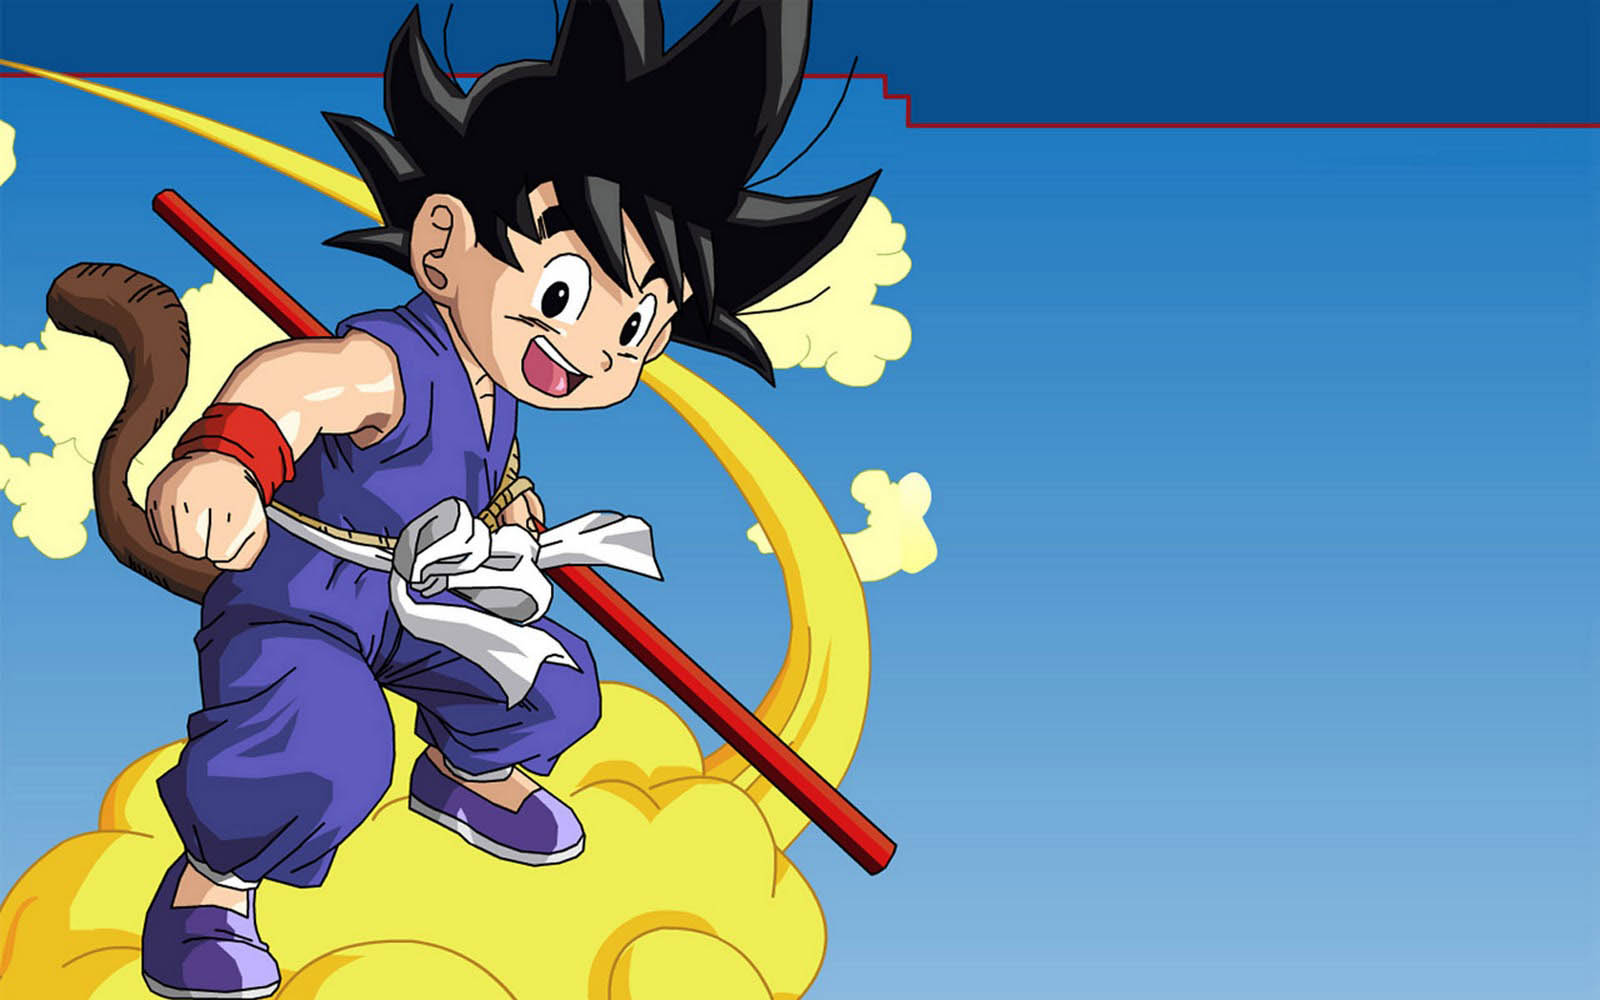 970 Koleksi Gambar Animasi Kartun Lucu Dan Keren HD Terbaru